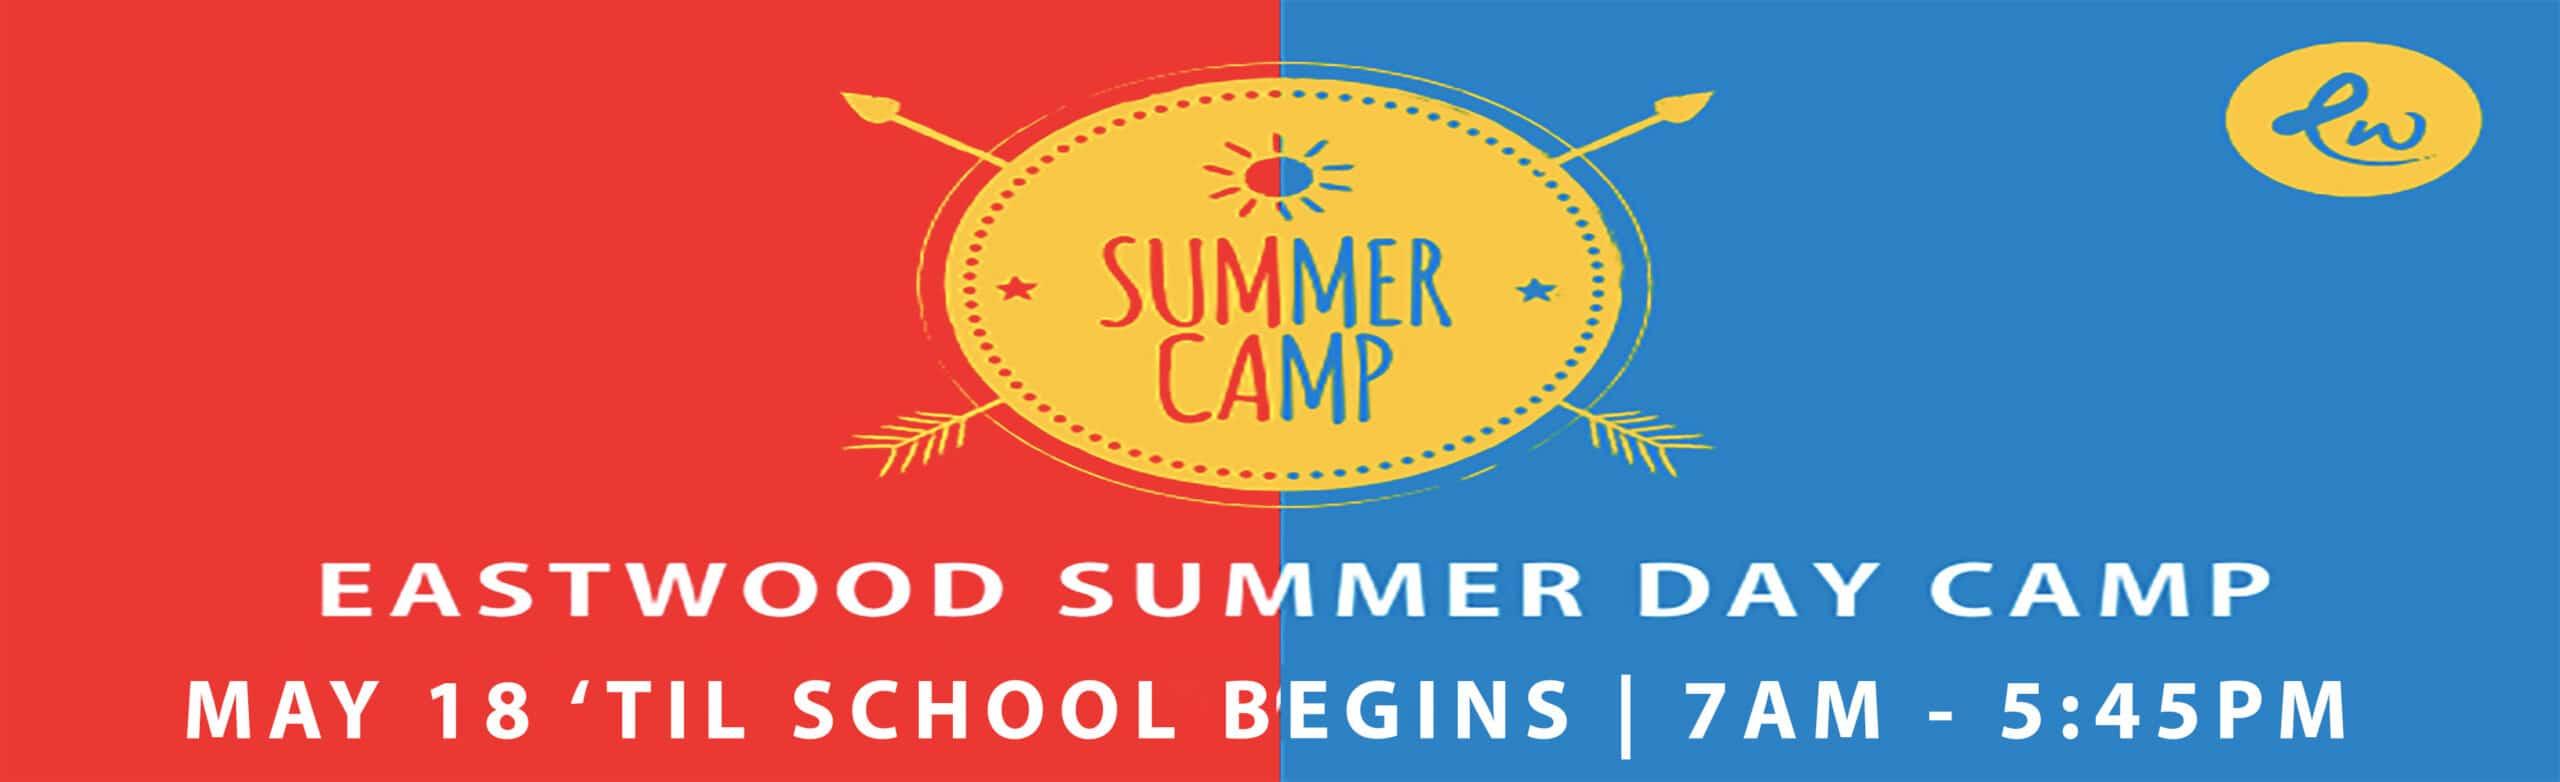 Summer-Day-Camp-2020-slider-3600x1100